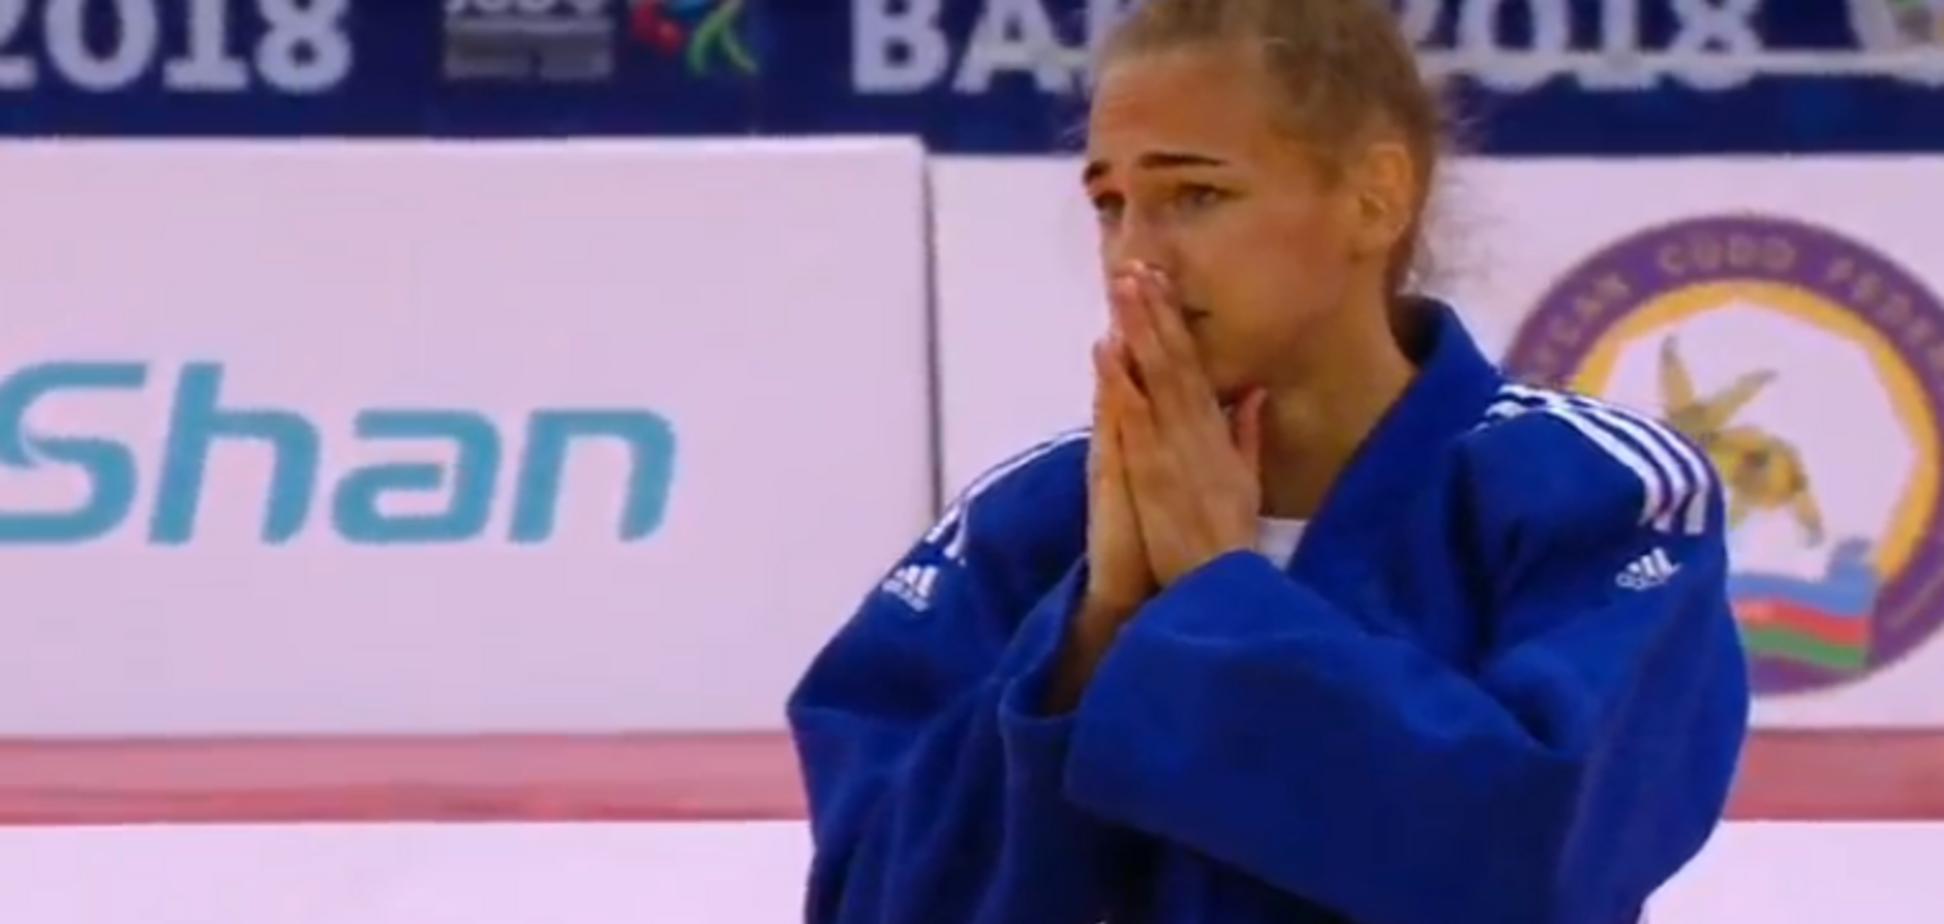 Украинка выиграла 'золото' ЧМ по дзюдо, победив в финале действующую чемпионку